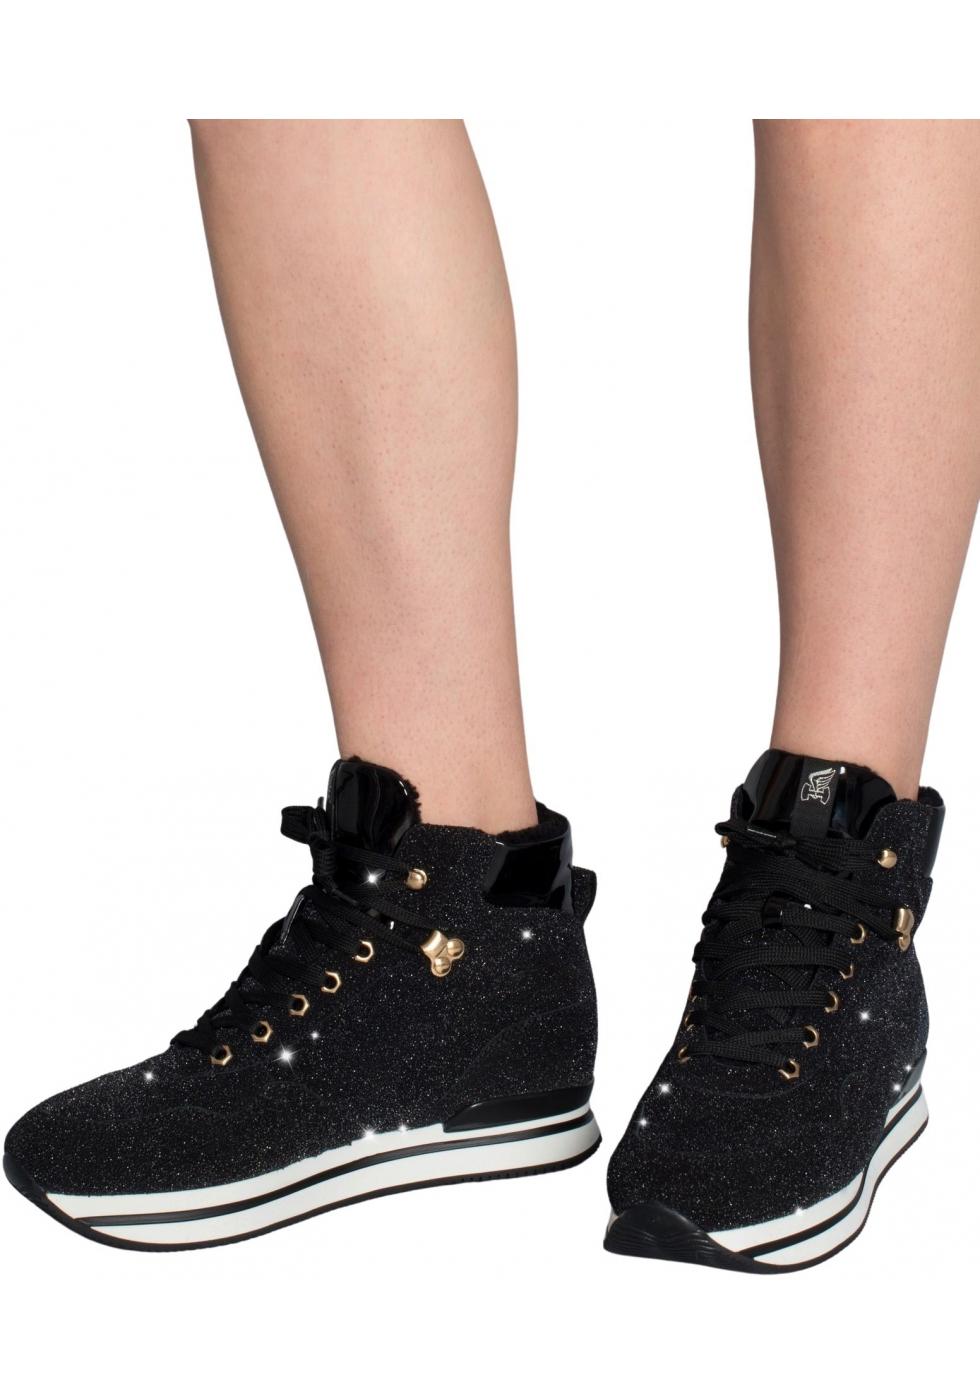 Hogan Sneakers alte con zeppa da donna in pelle nera con ...